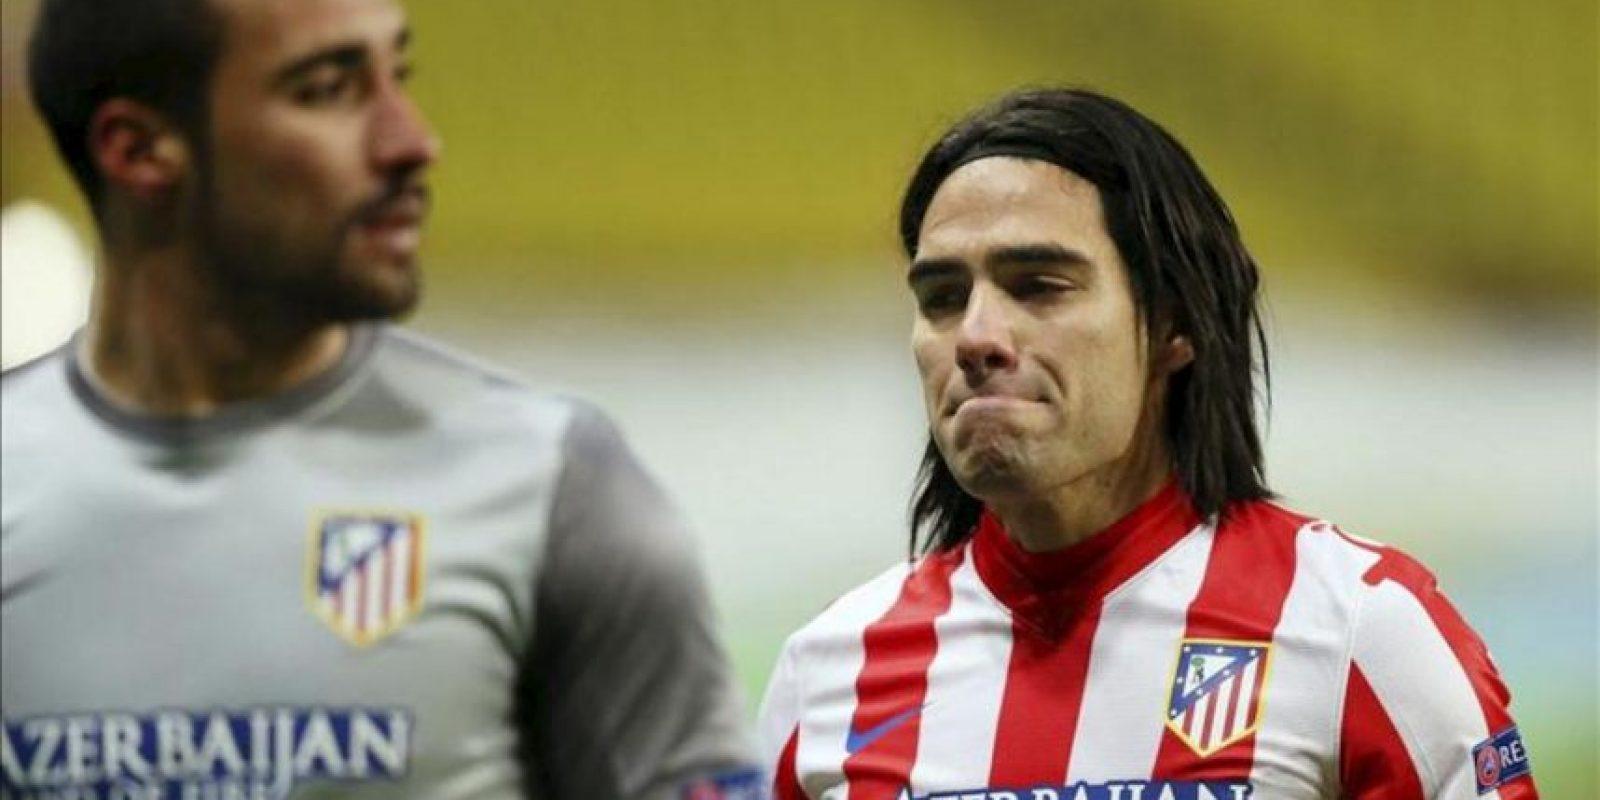 El colombiano Radamel Falcao (d), delantero del Atlético de Madrid, se lamenta después del partido de vuelta de diecisaisavos de final de la Liga Europa que su equipo disputó hoy en Moscú, Rusia. EFE